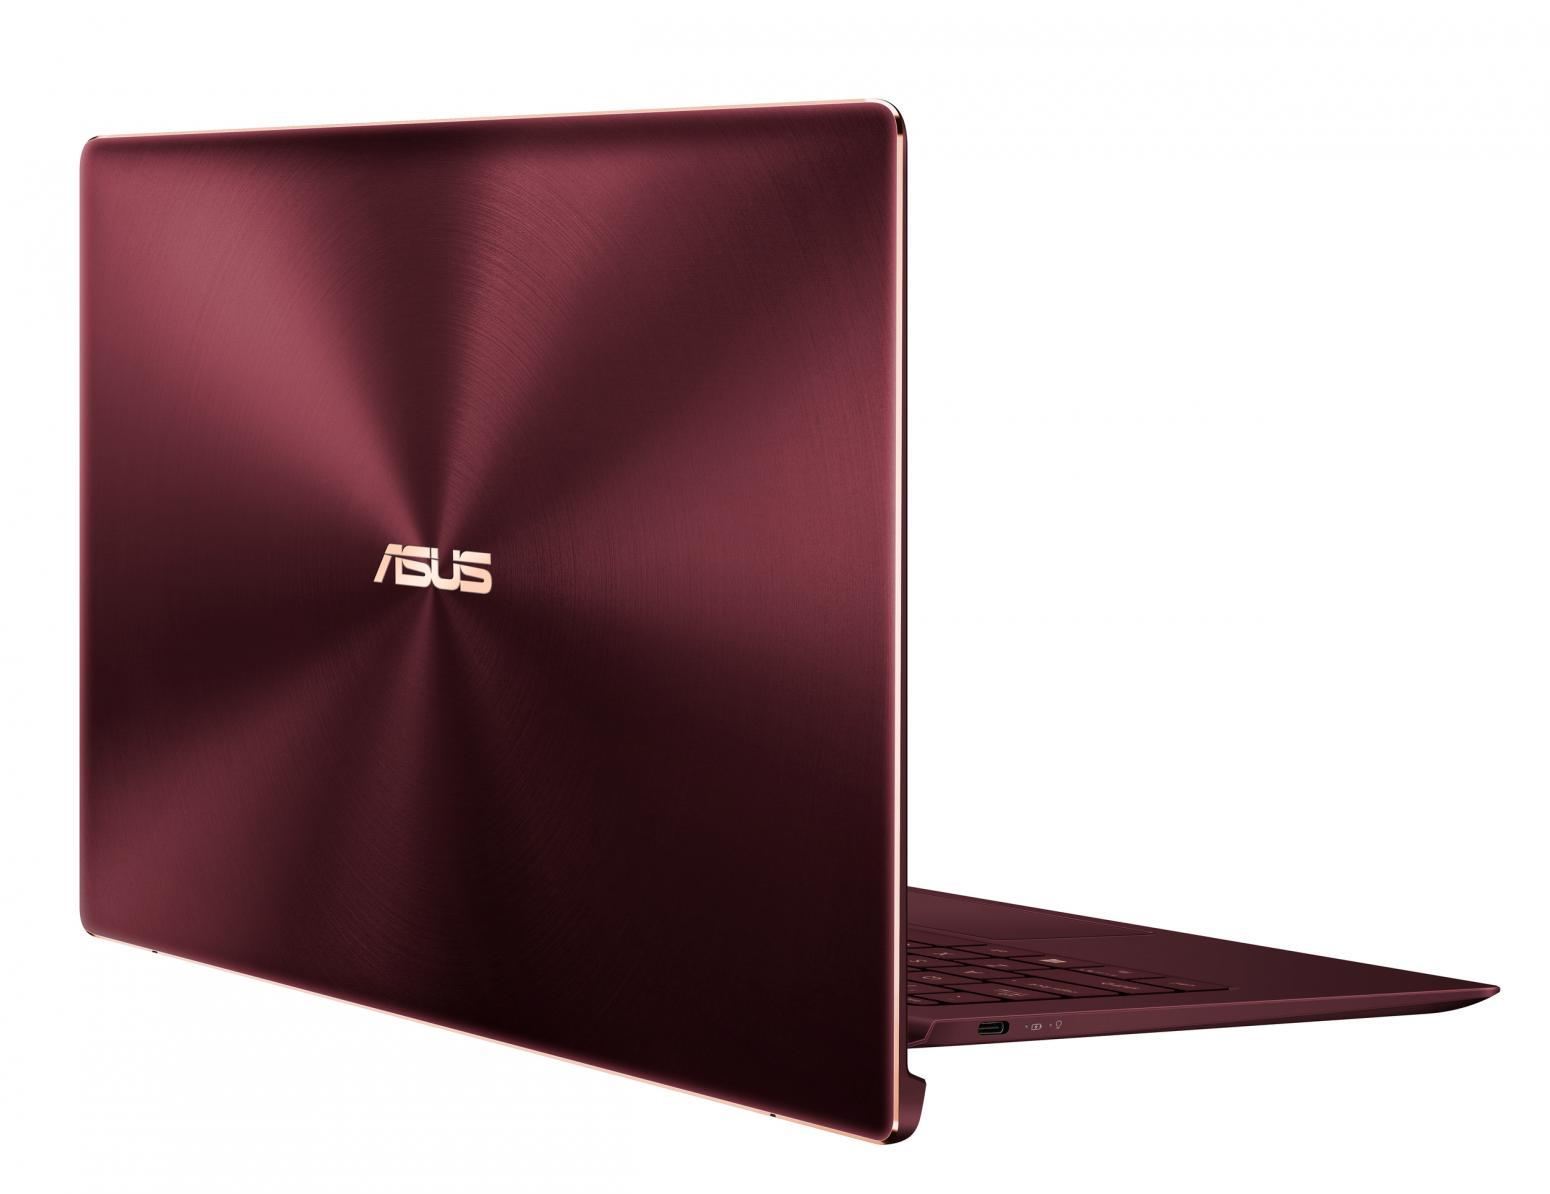 Ordinateur portable Asus Zenbook S UX391UA-ET082T Rouge Bordeaux - photo 3